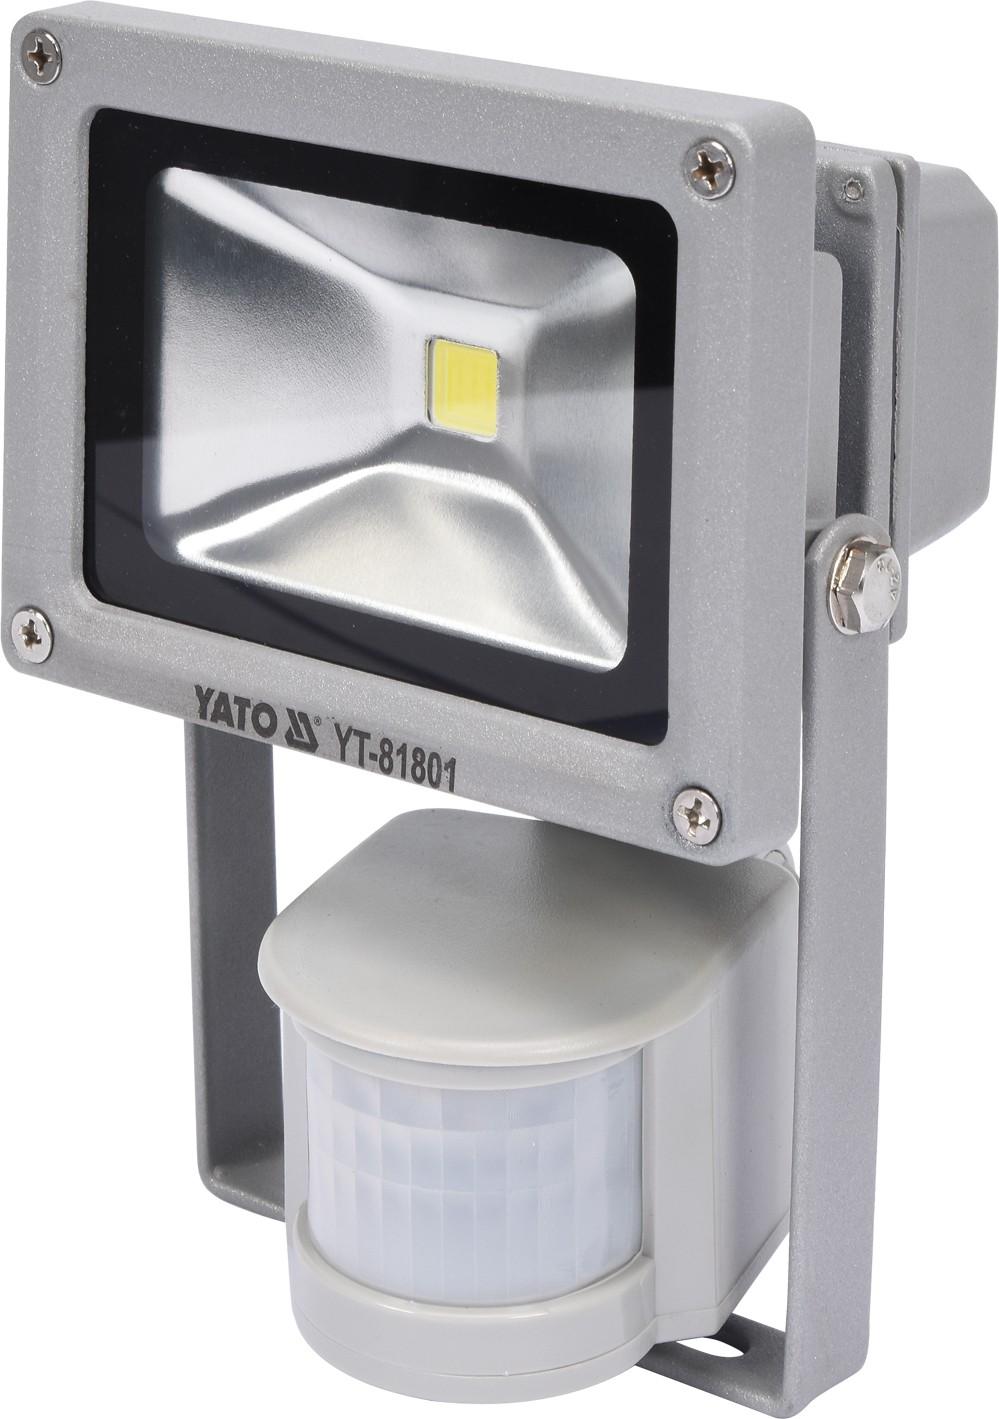 Reflektor s vysoce svítivou COB LED, 10W, 700lm, IP44, pohyb. senzor